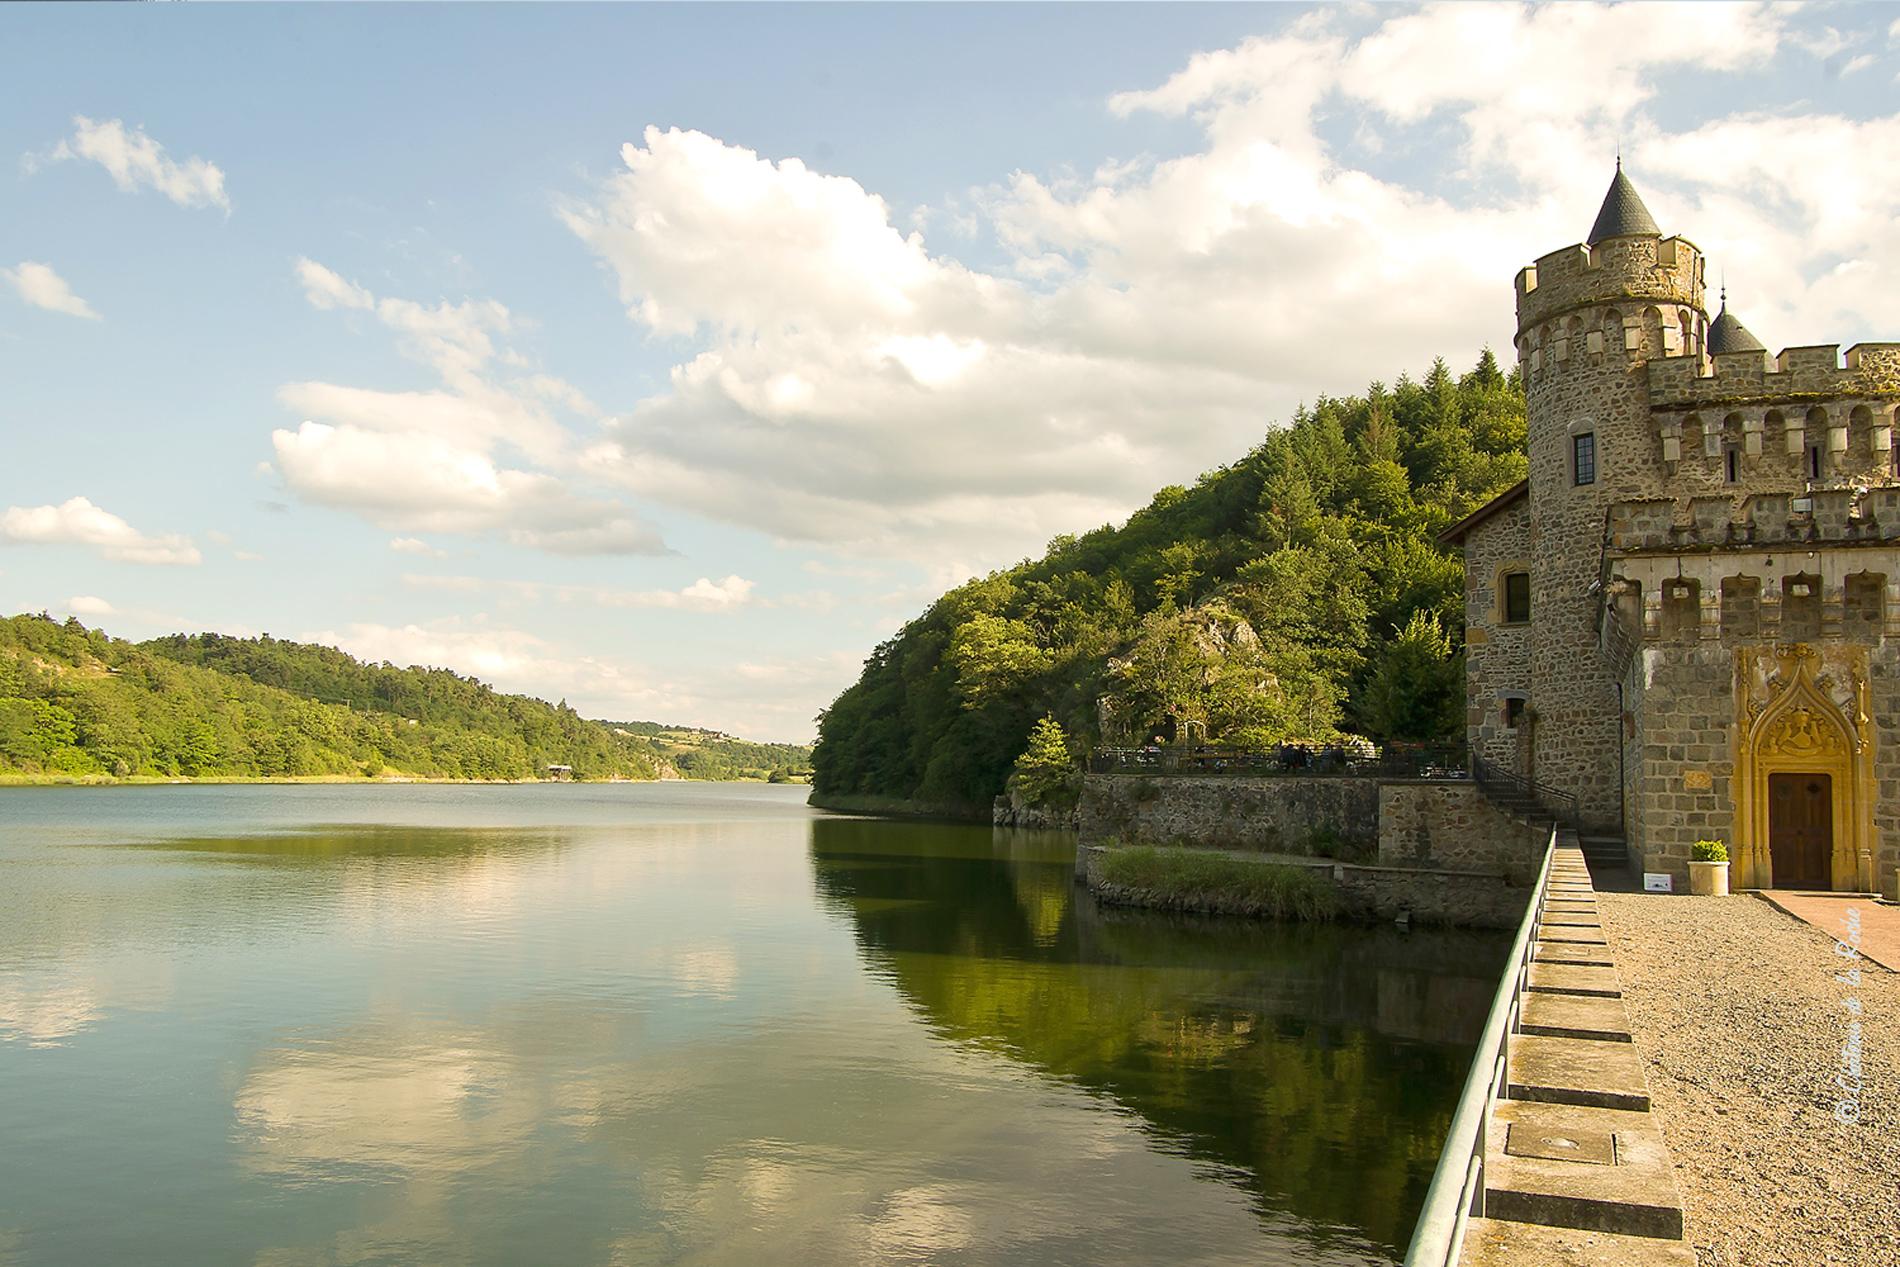 Château de la Roche, visite guidée théâtralisée, séminaire et escape game